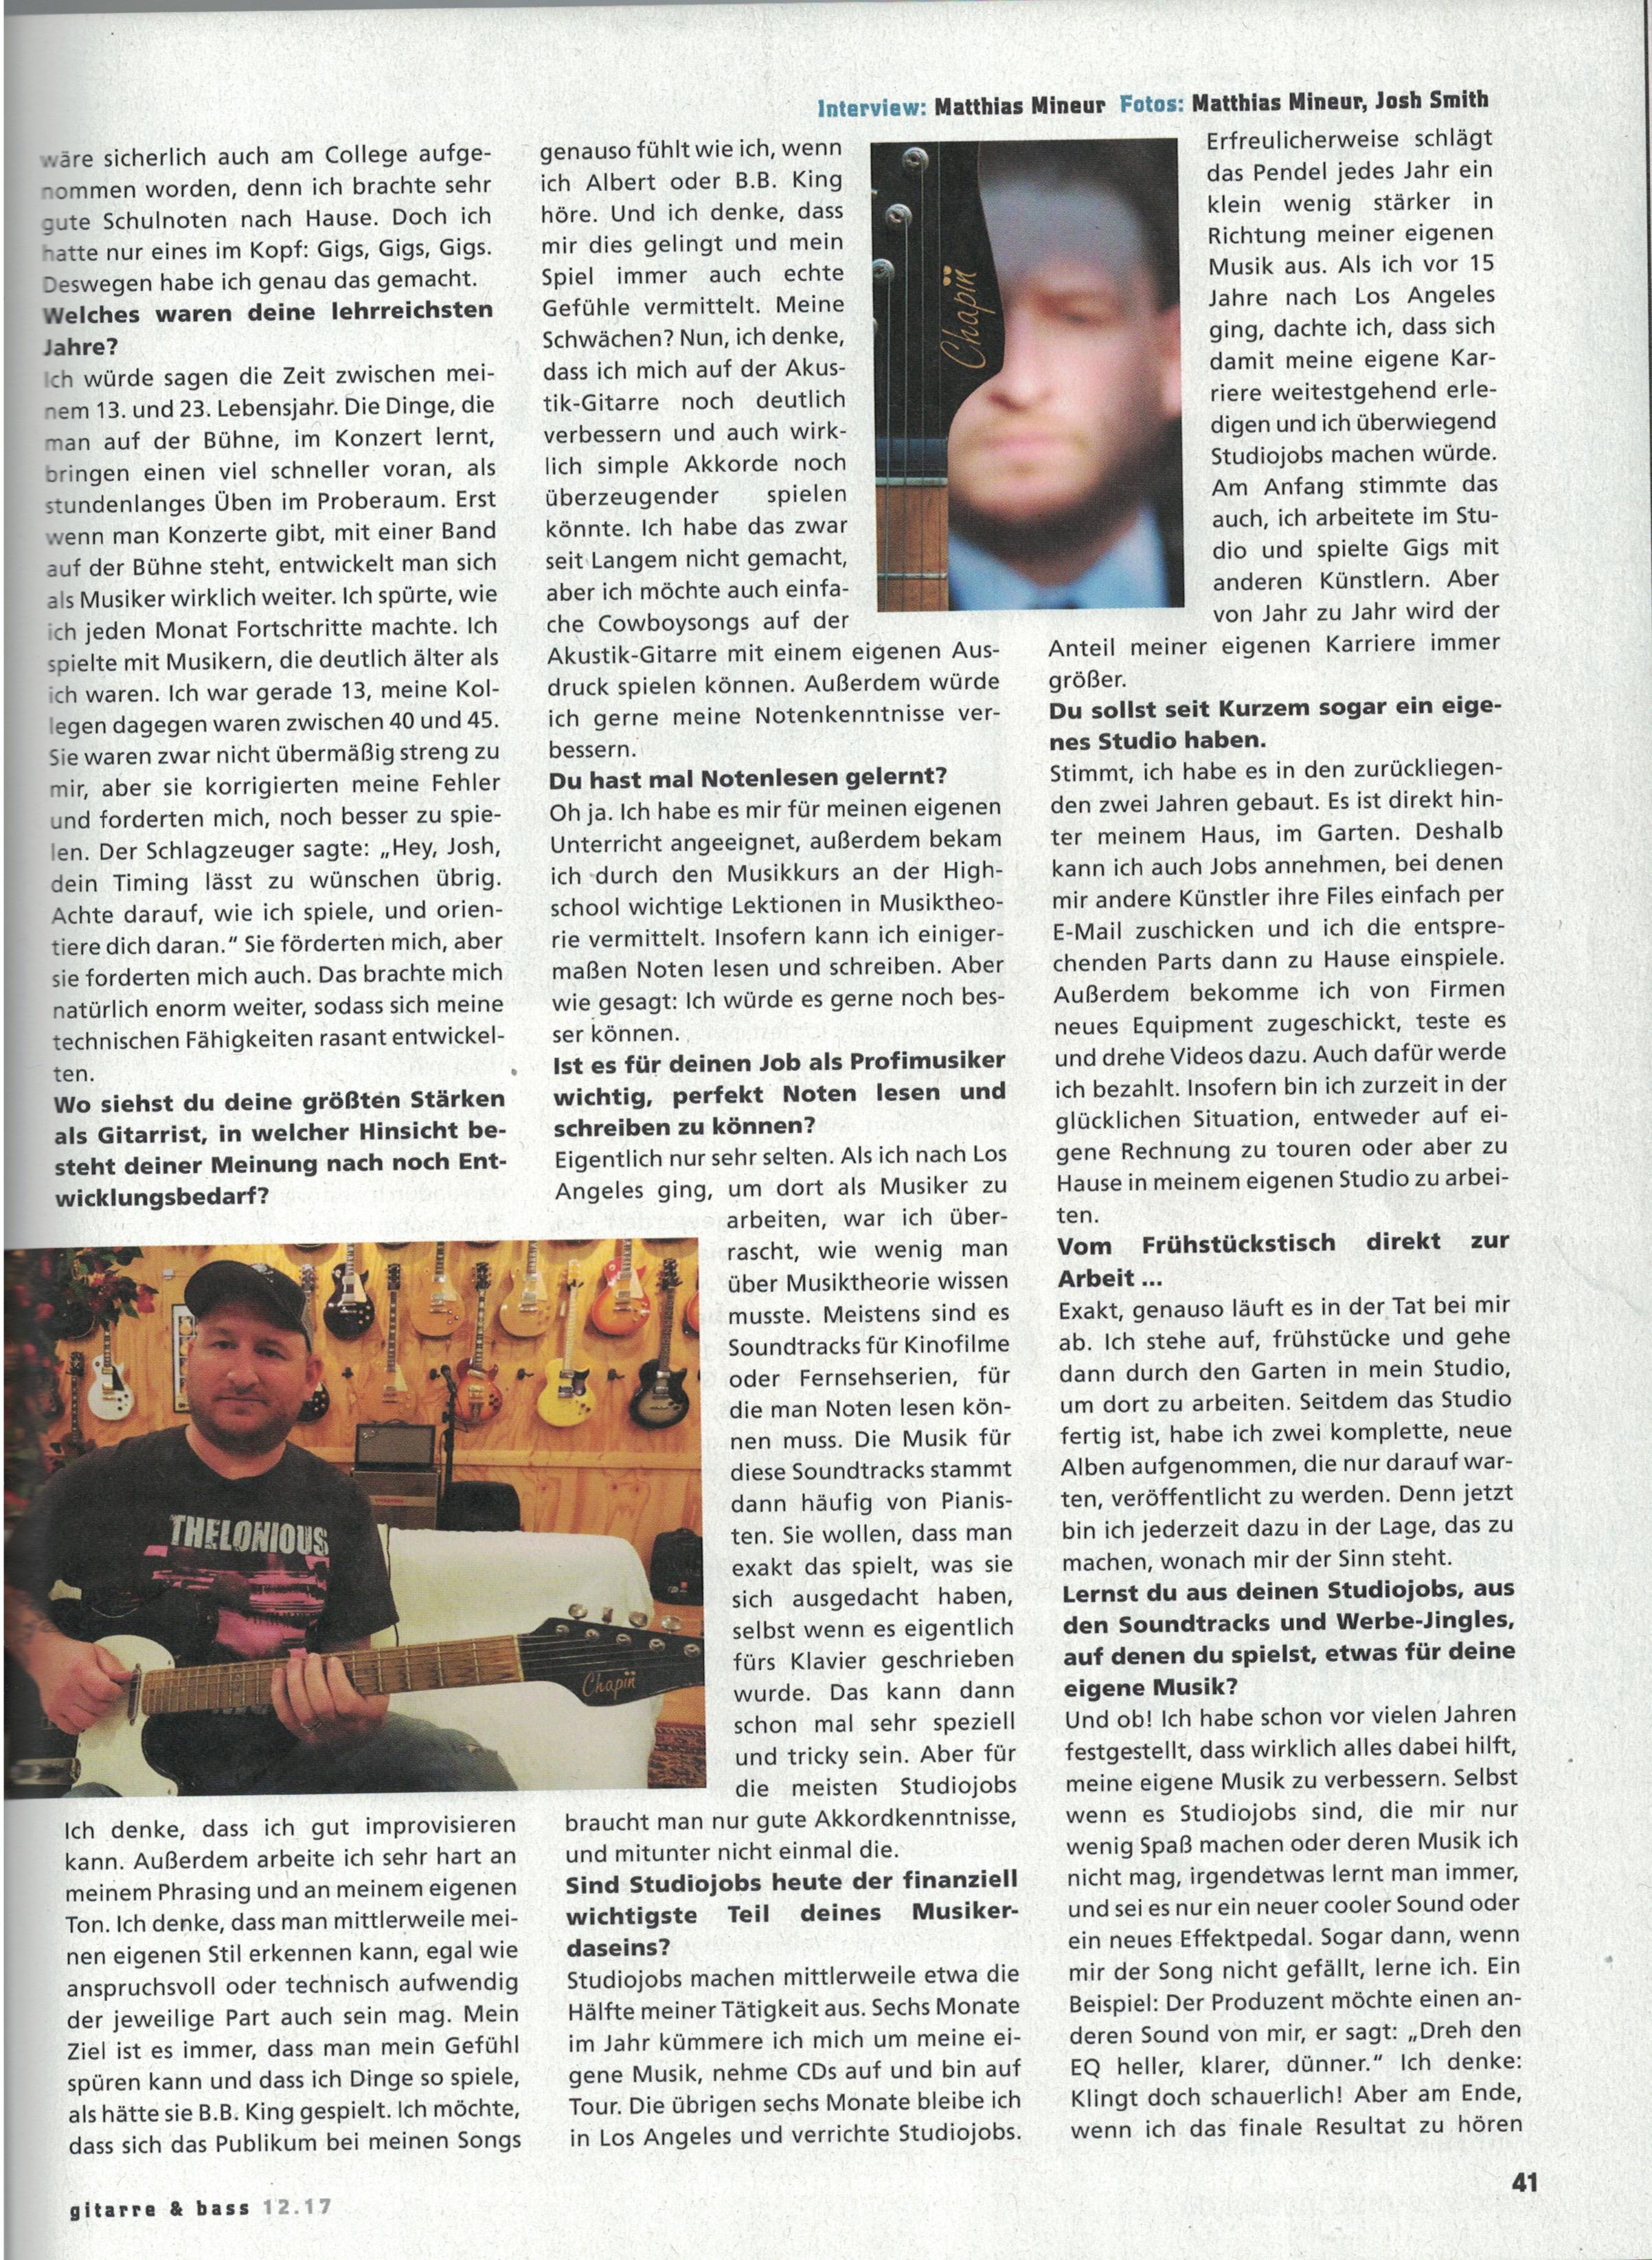 Gitarre & Bass page 2.jpeg